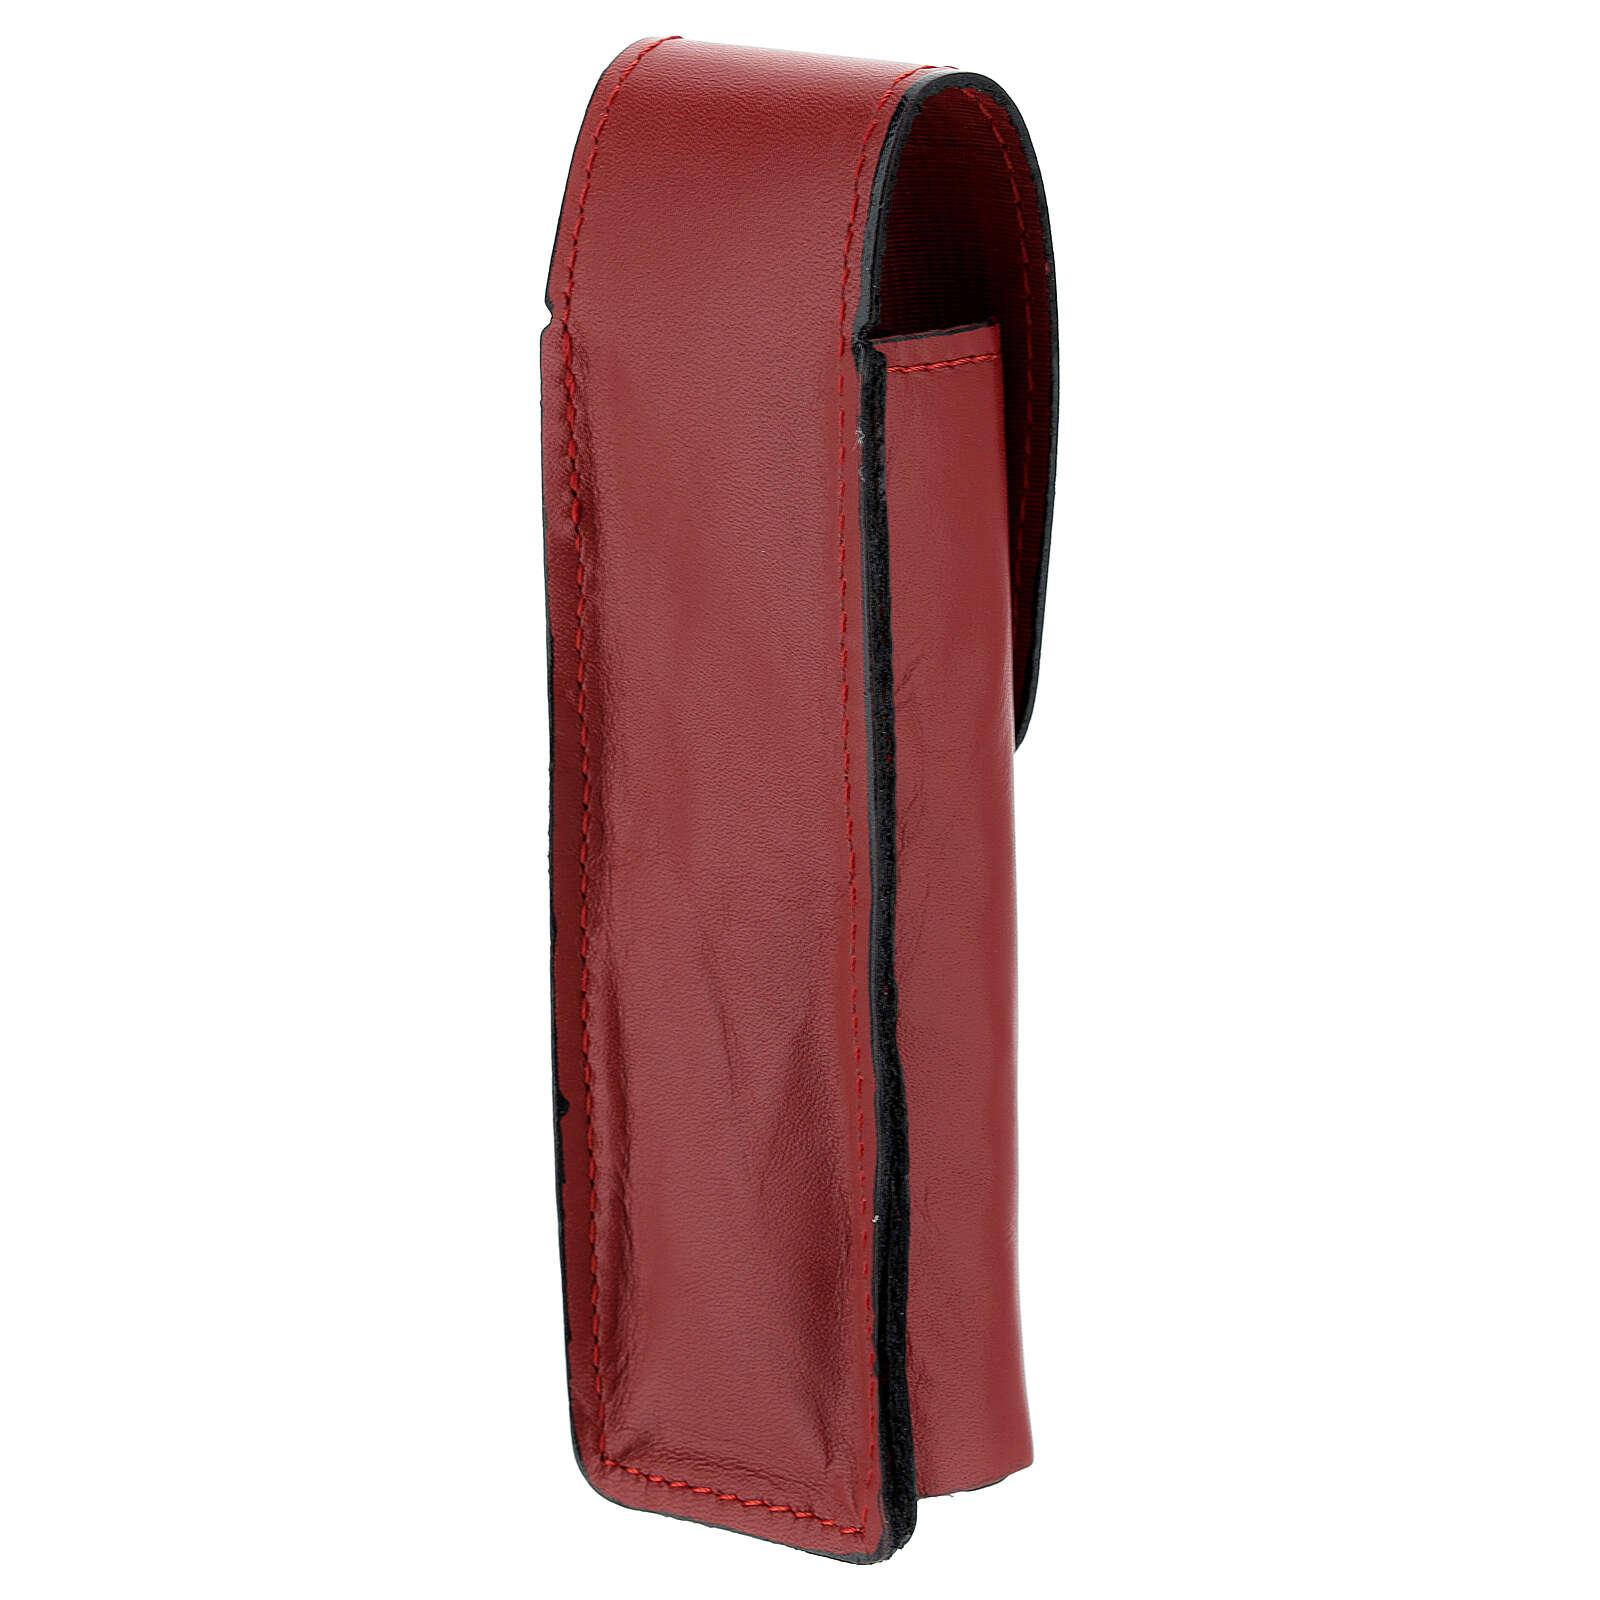 Étui pour goupillon 13 cm cuir véritable rouge 3